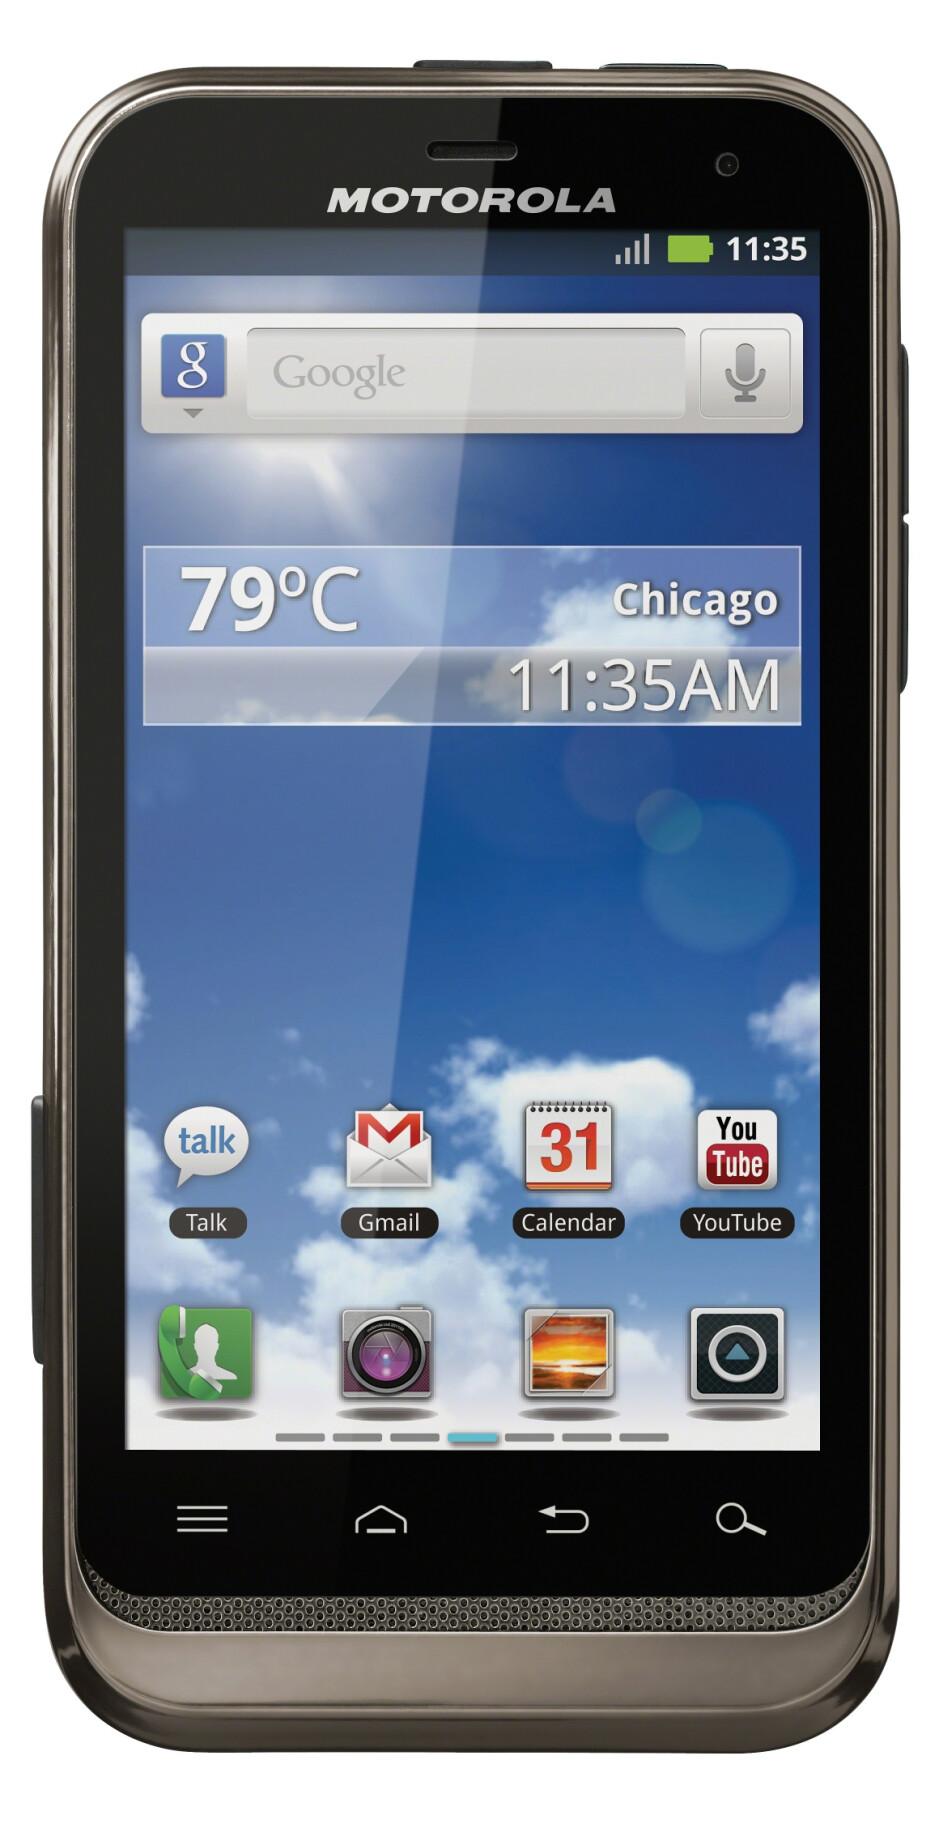 Motorola DEFY XT - Motorola intros the RAZR-like ELECTRIFY 2 and rugged DEFY XT for U.S. Cellular